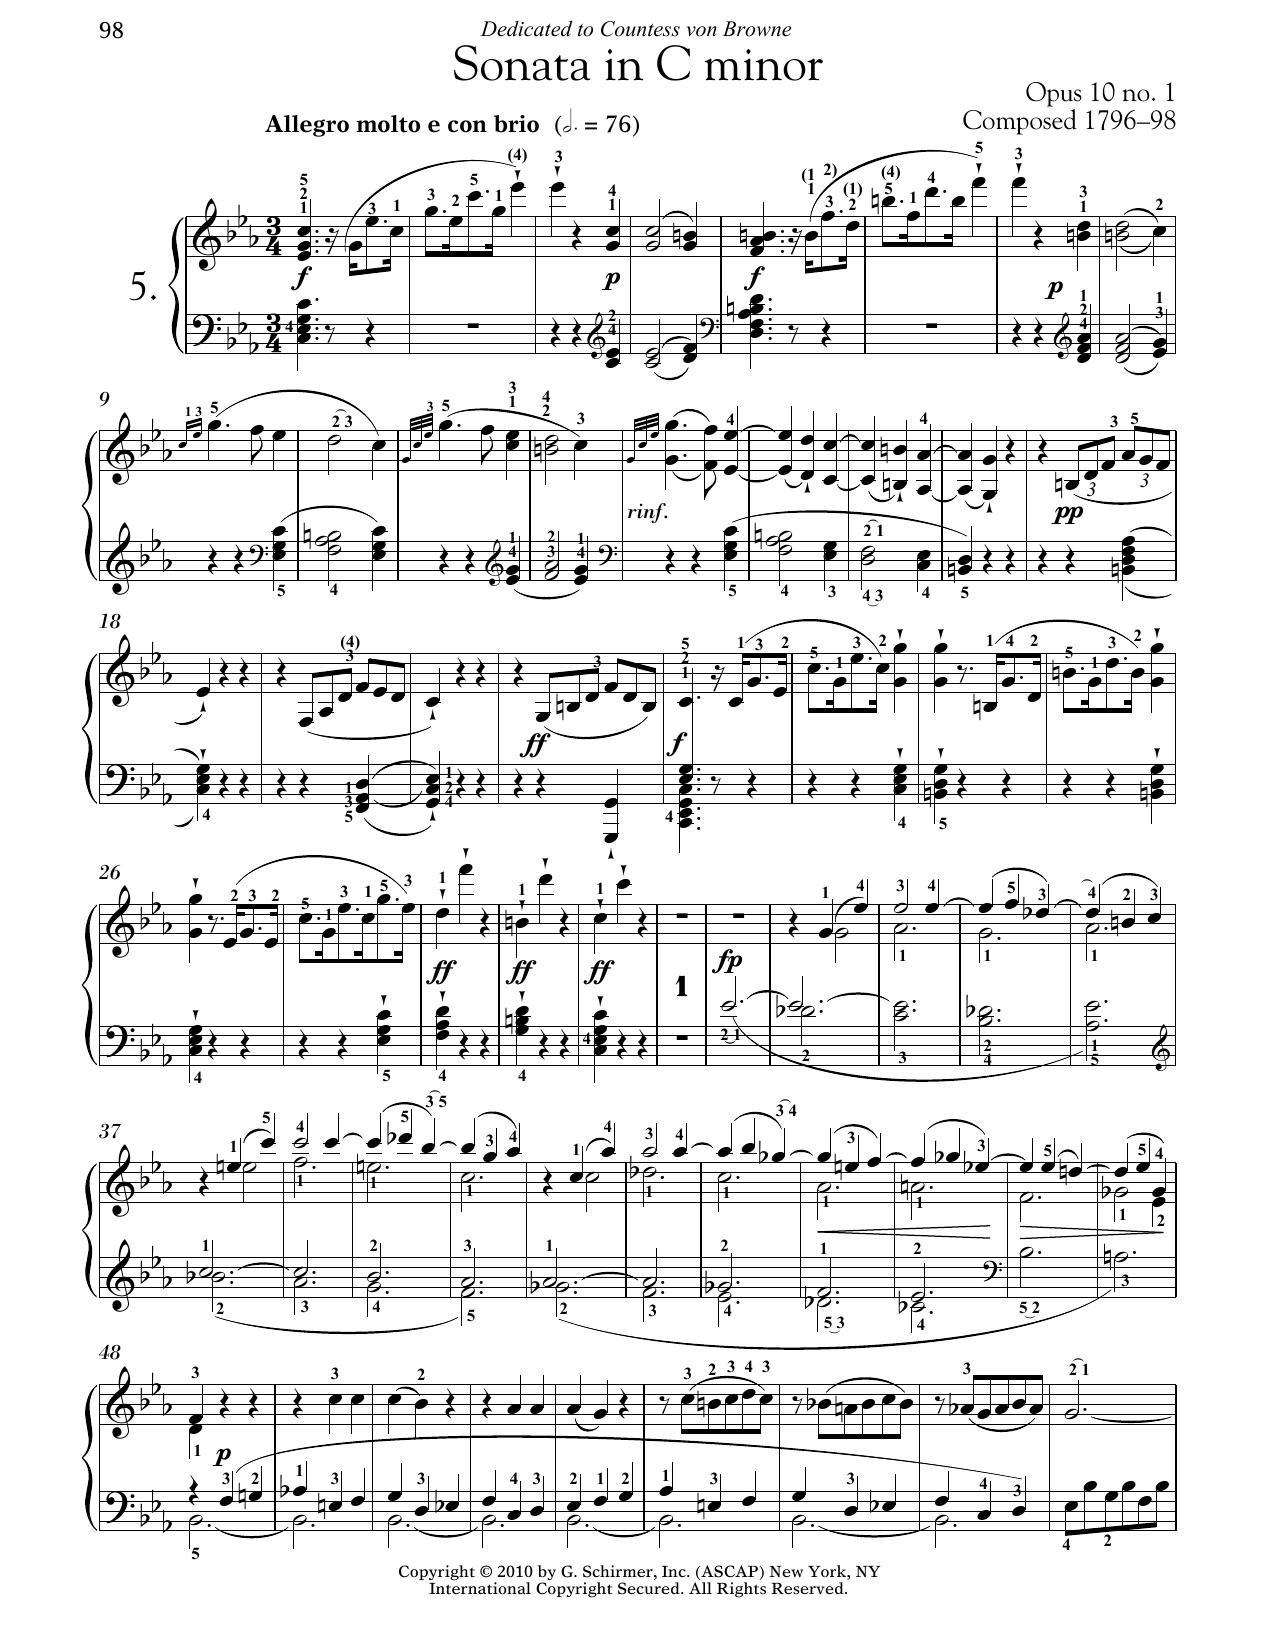 Ludwig van Beethoven Piano Sonata No. 5 In C Minor, Op. 10, No. 1 sheet music notes and chords. Download Printable PDF.